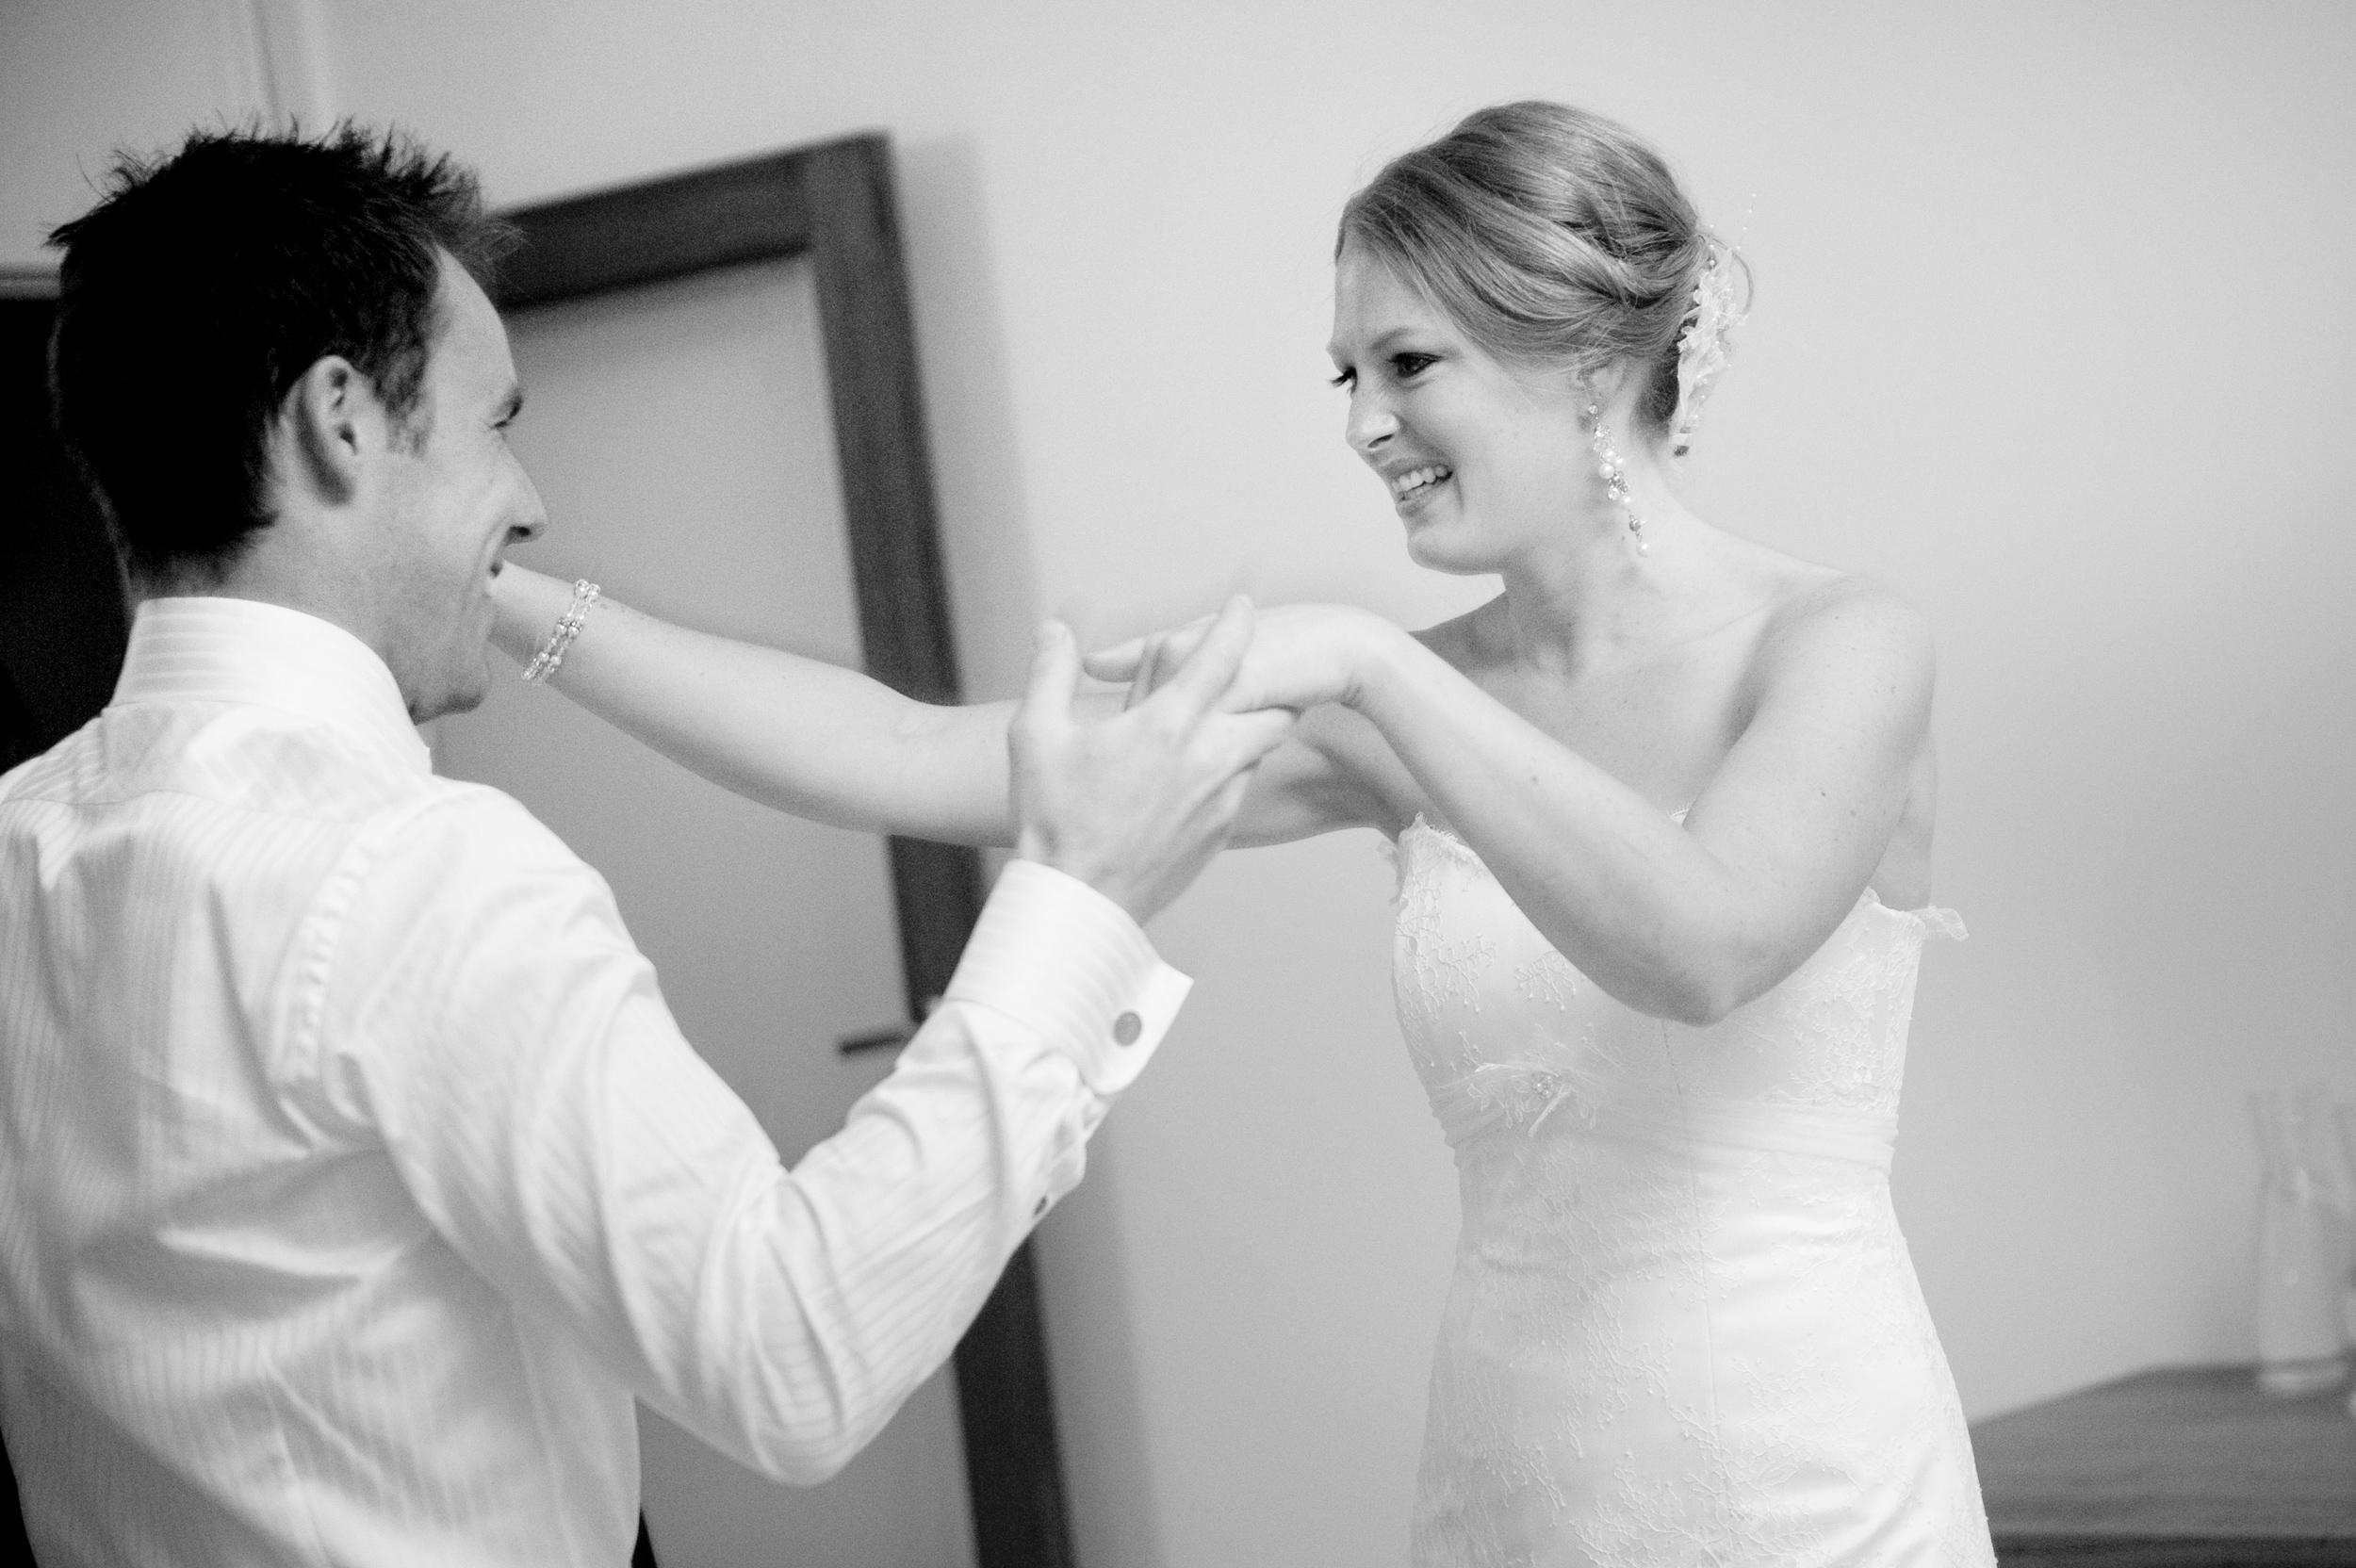 euroa_butter_factory_wedding_photography_92.jpg